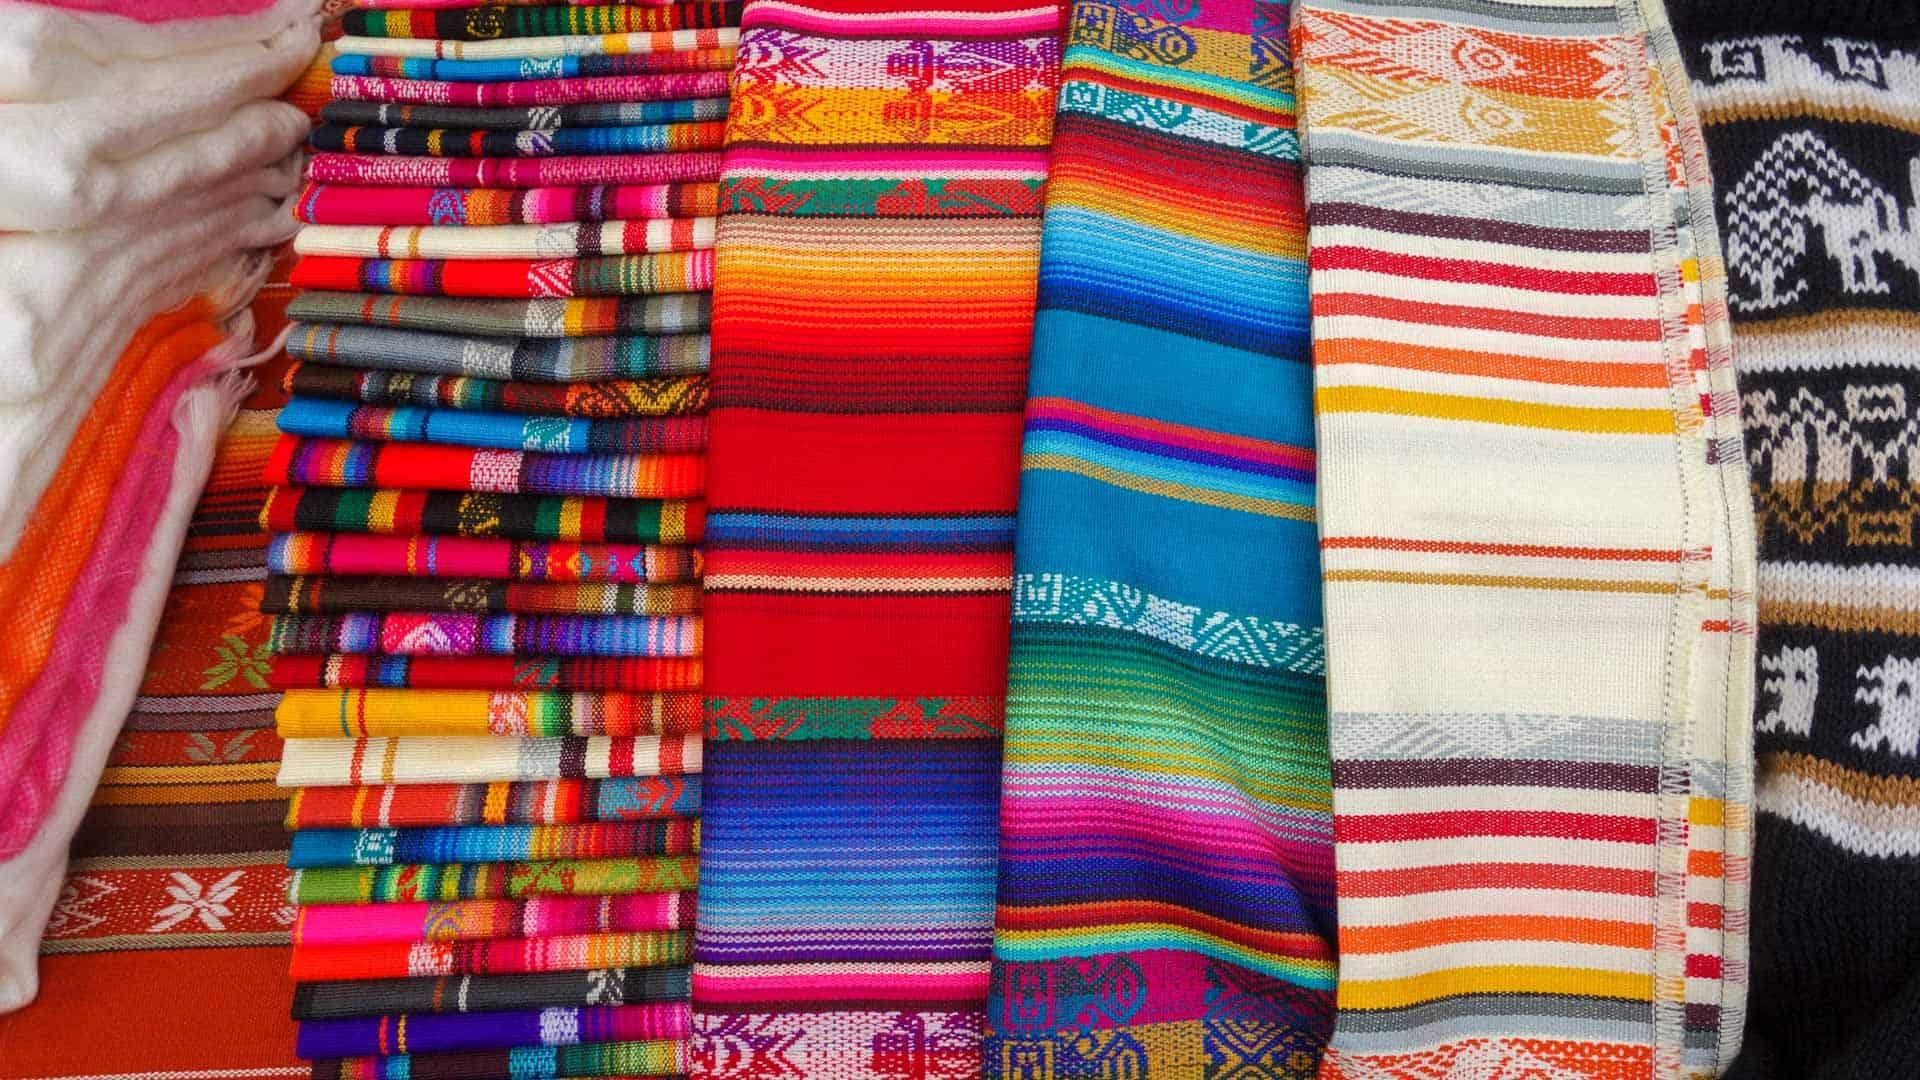 Fabric in Otavalo Market